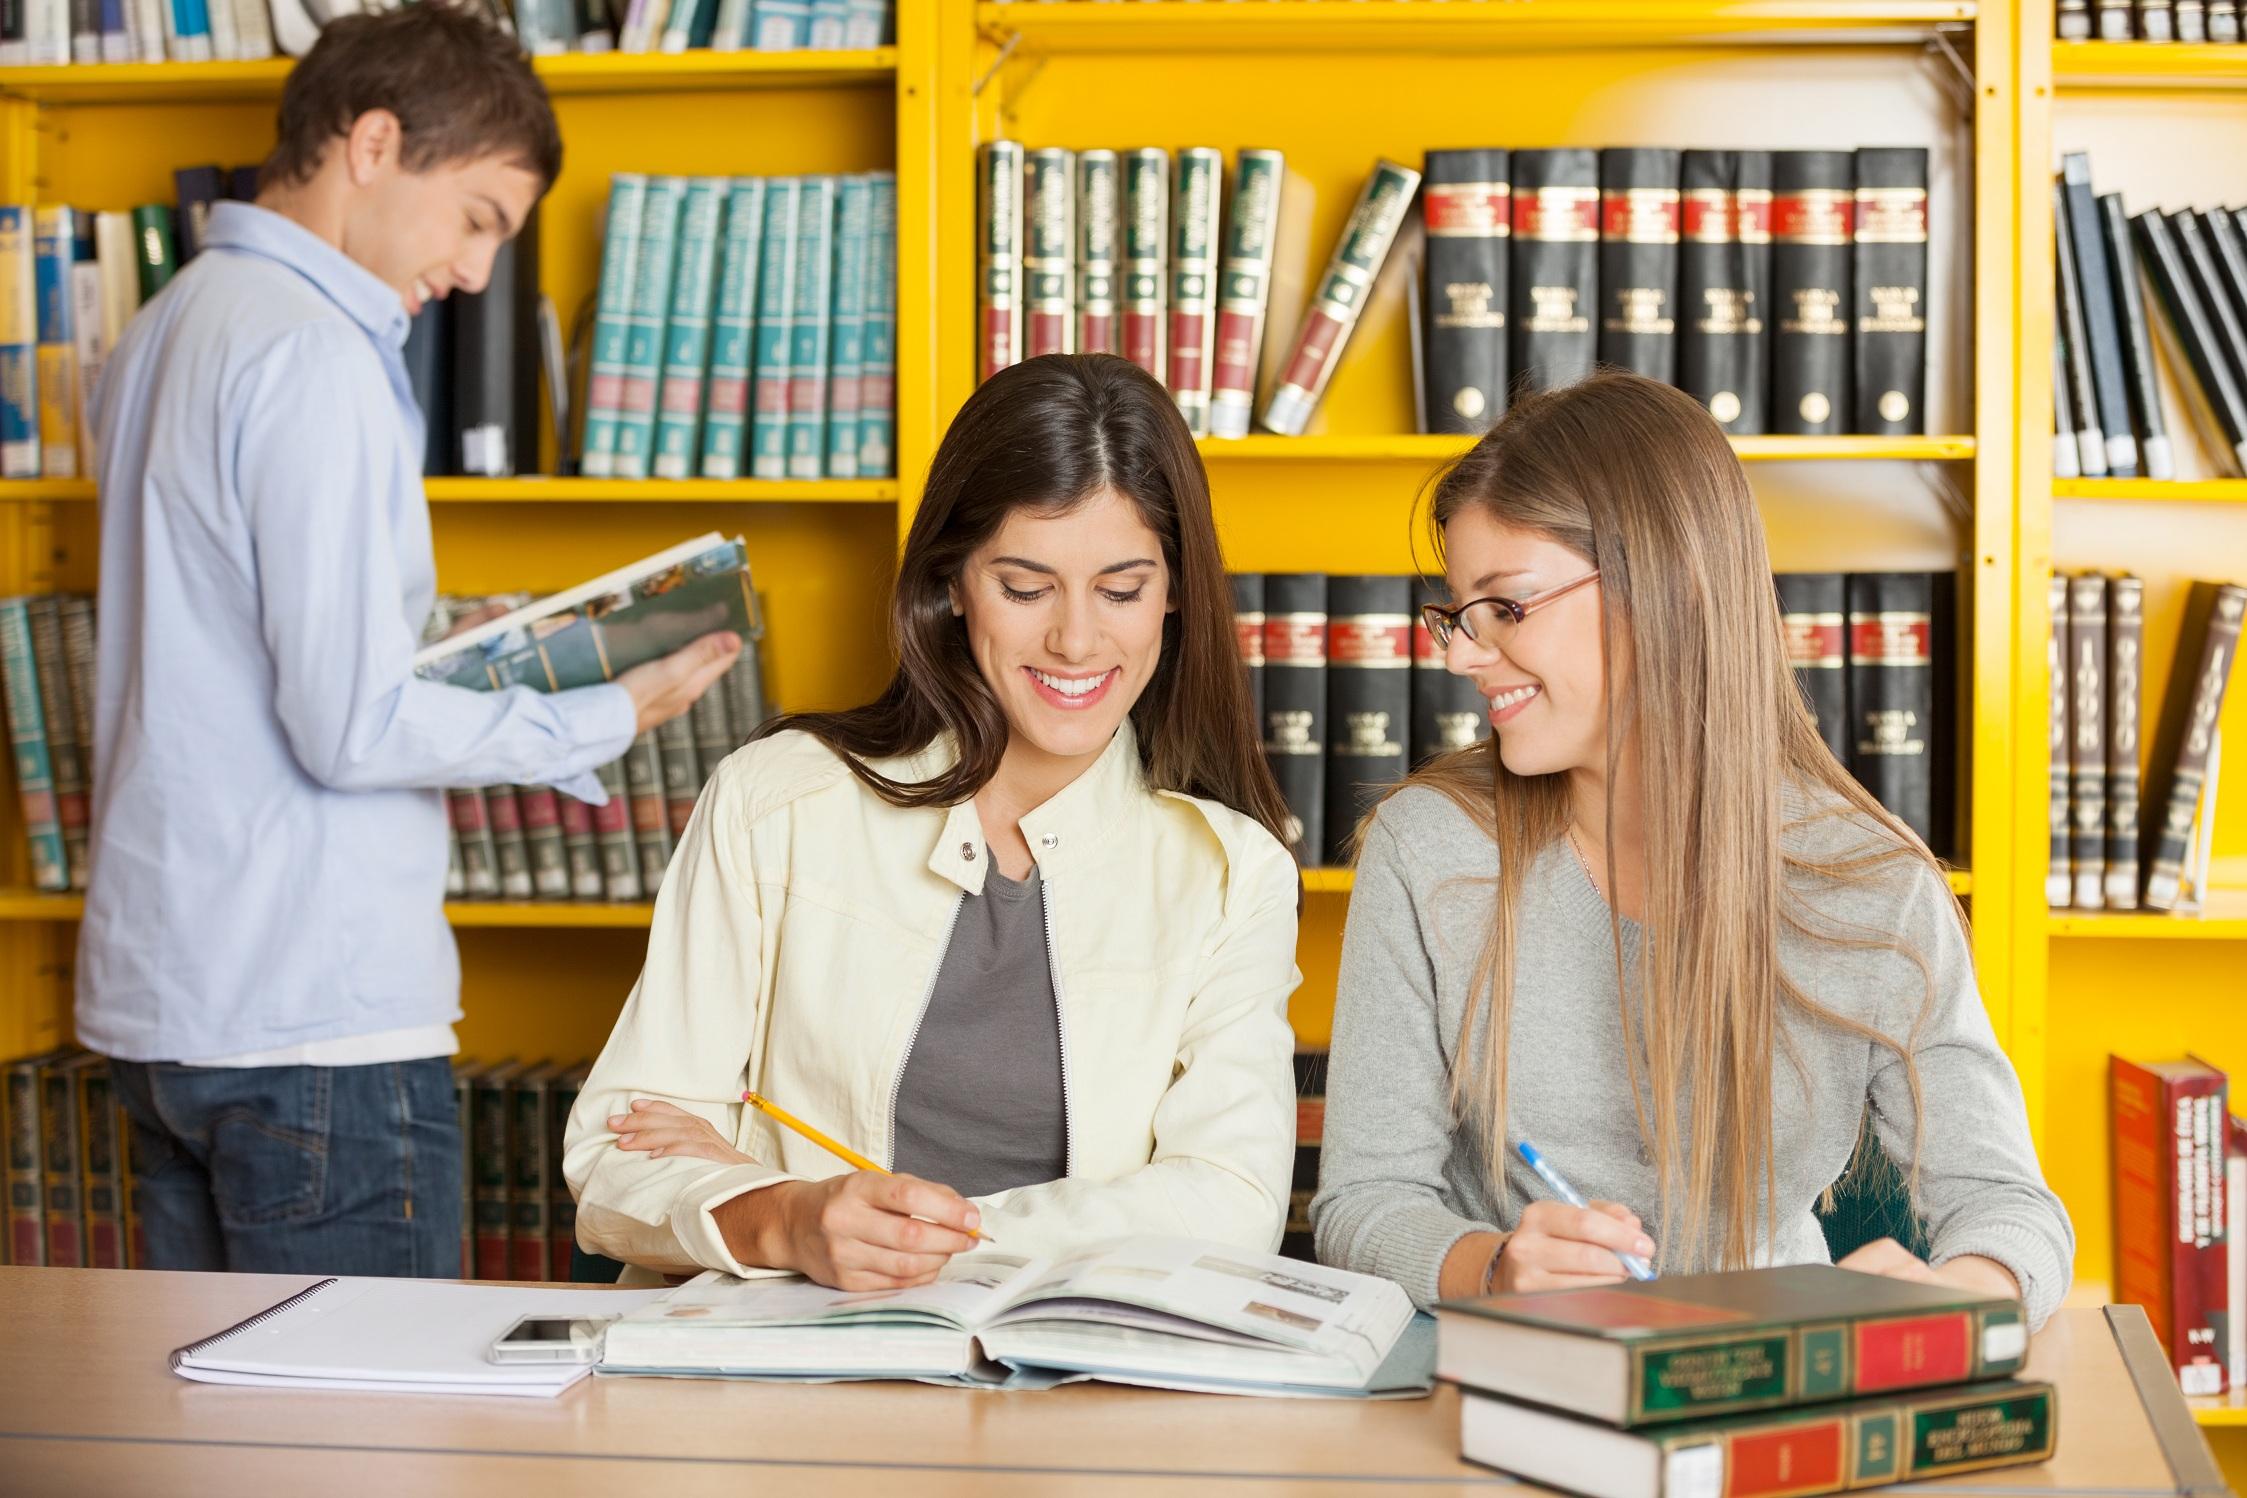 Le bien-être des étudiants : un enjeu stratégique pour les grandes écoles